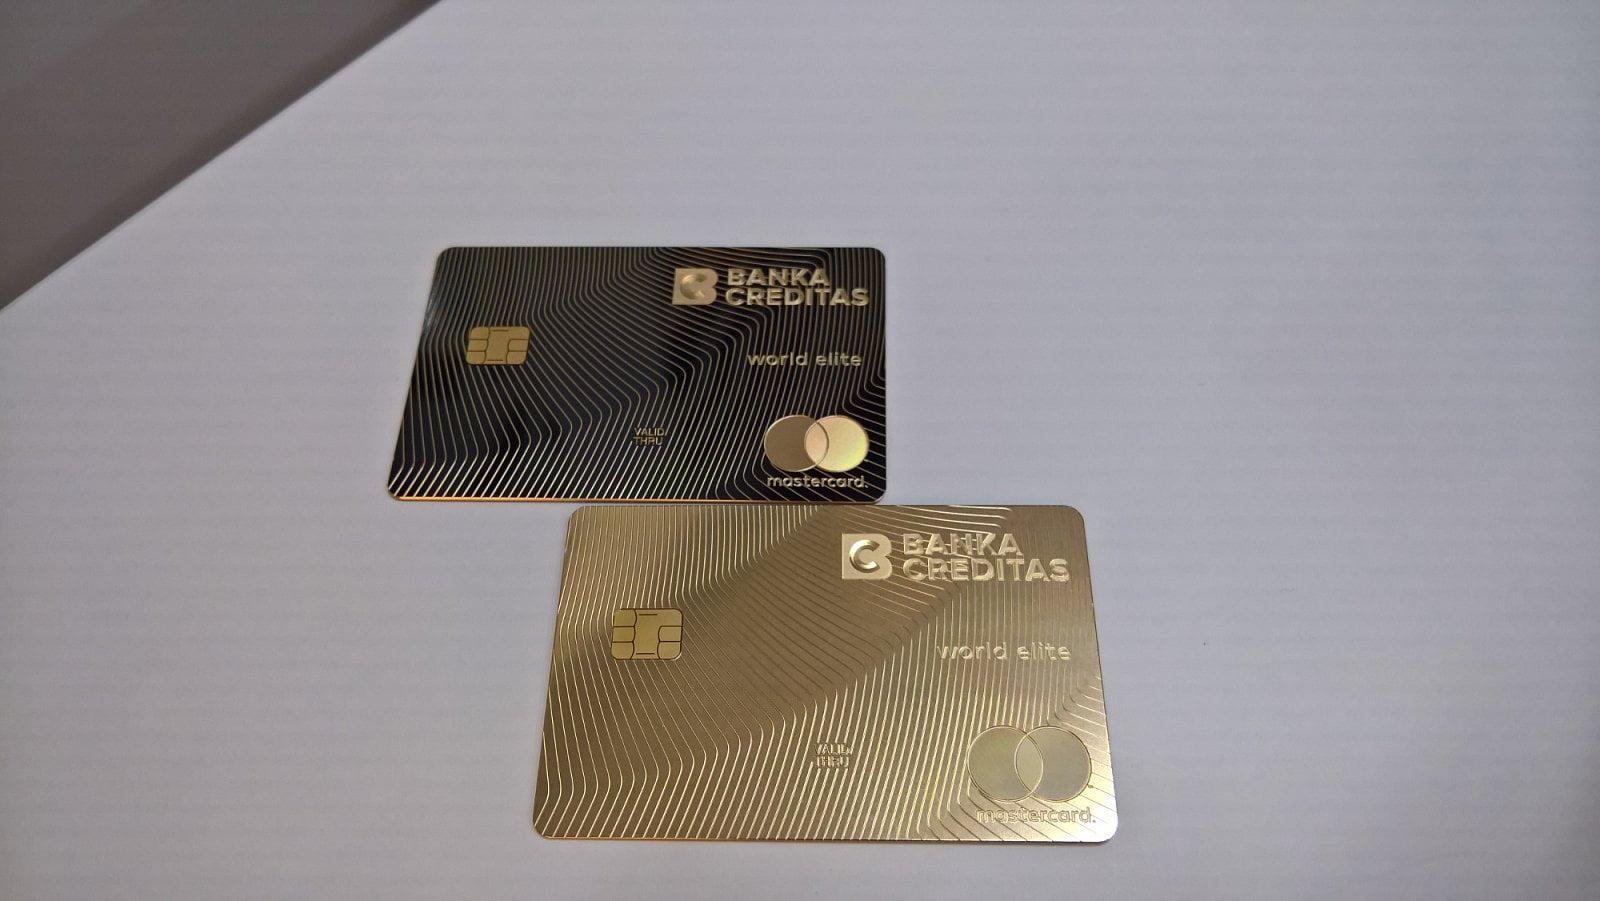 Karty Real Gold od Banky CREDITAS